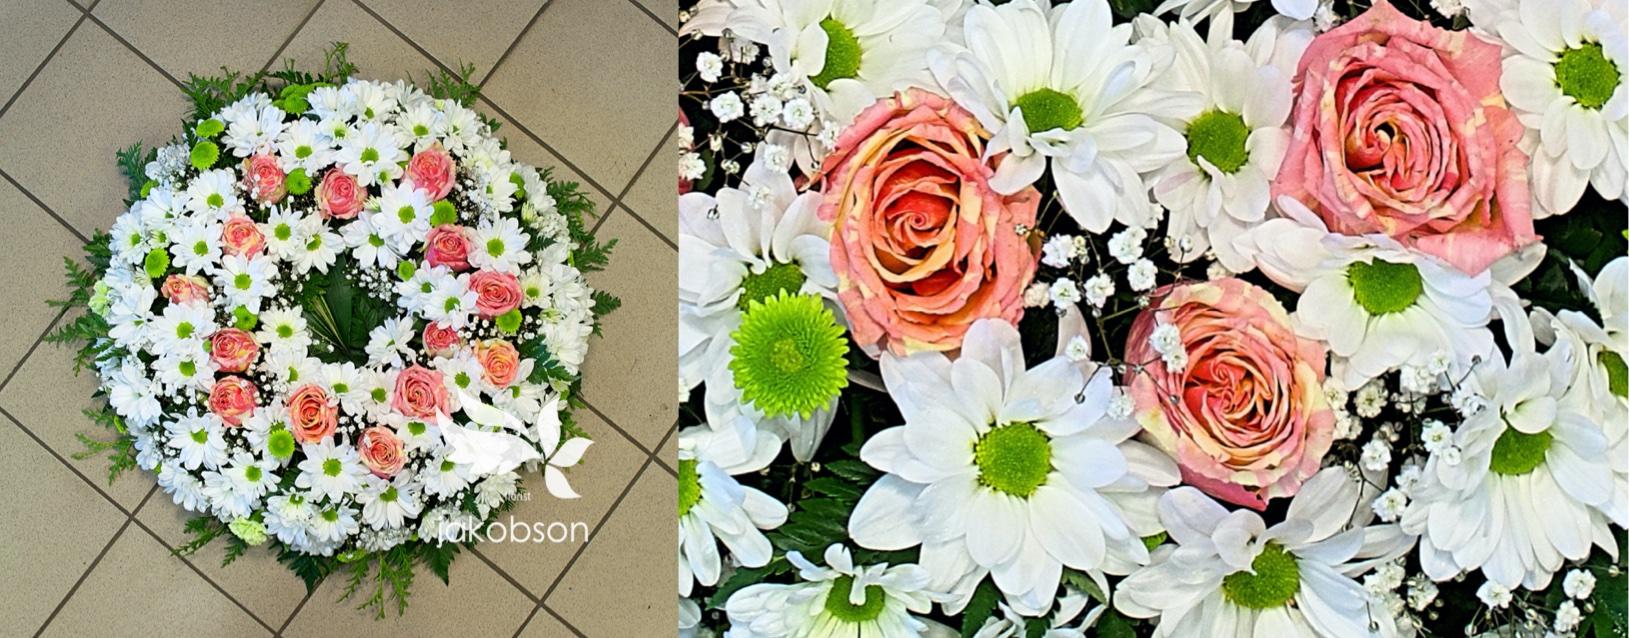 Matuseparg9 - Matusepärg täislilledest